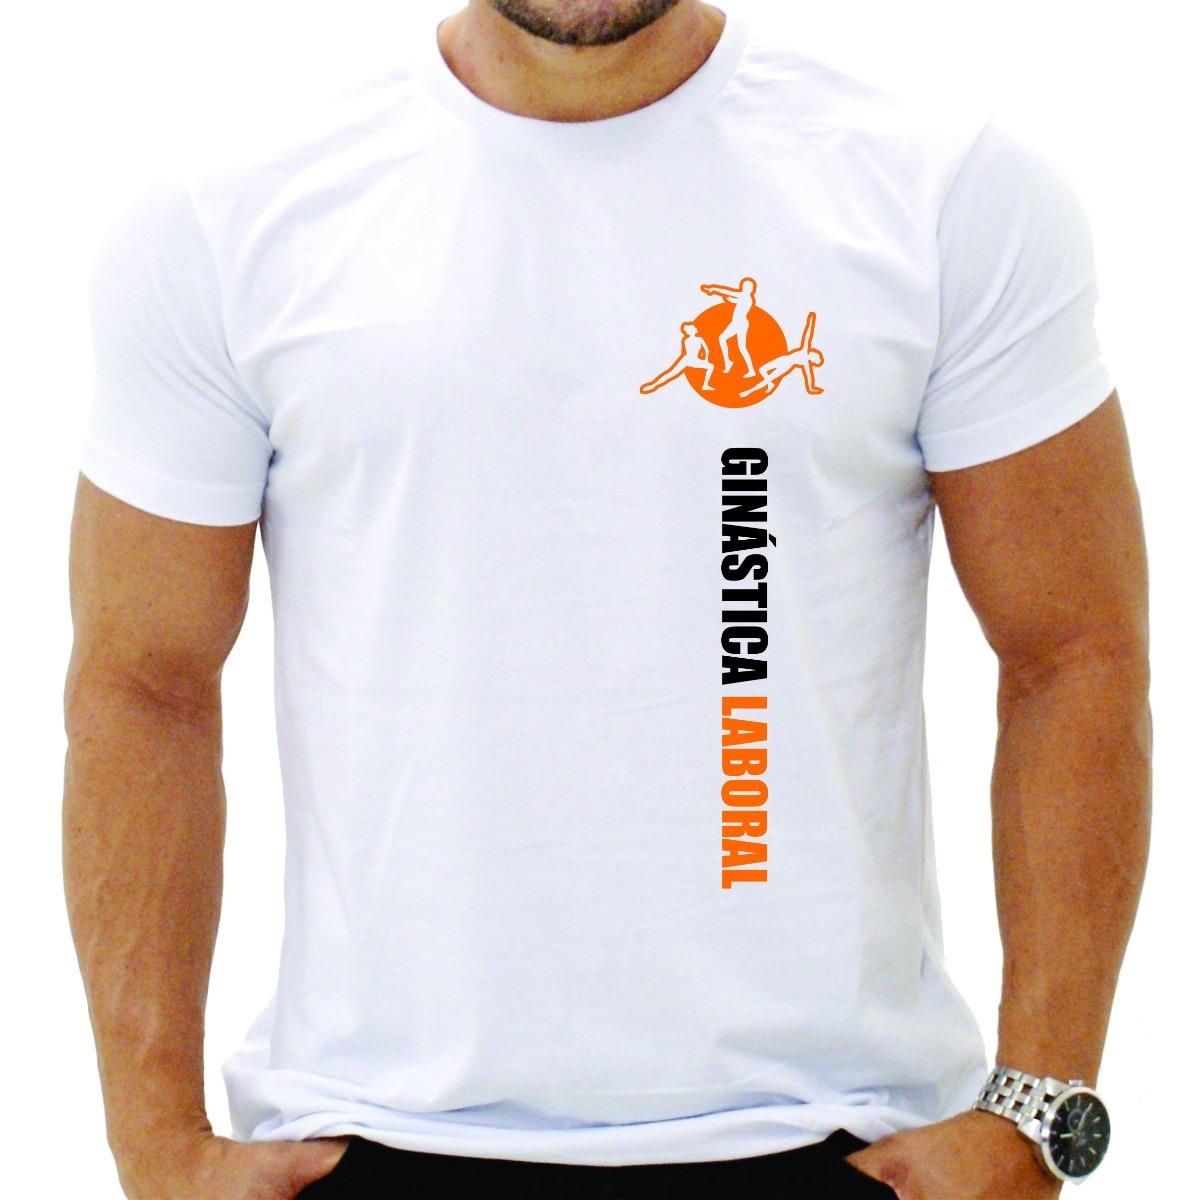 901047058 camisetas personalizadas ginastica laboral academia. Carregando zoom.